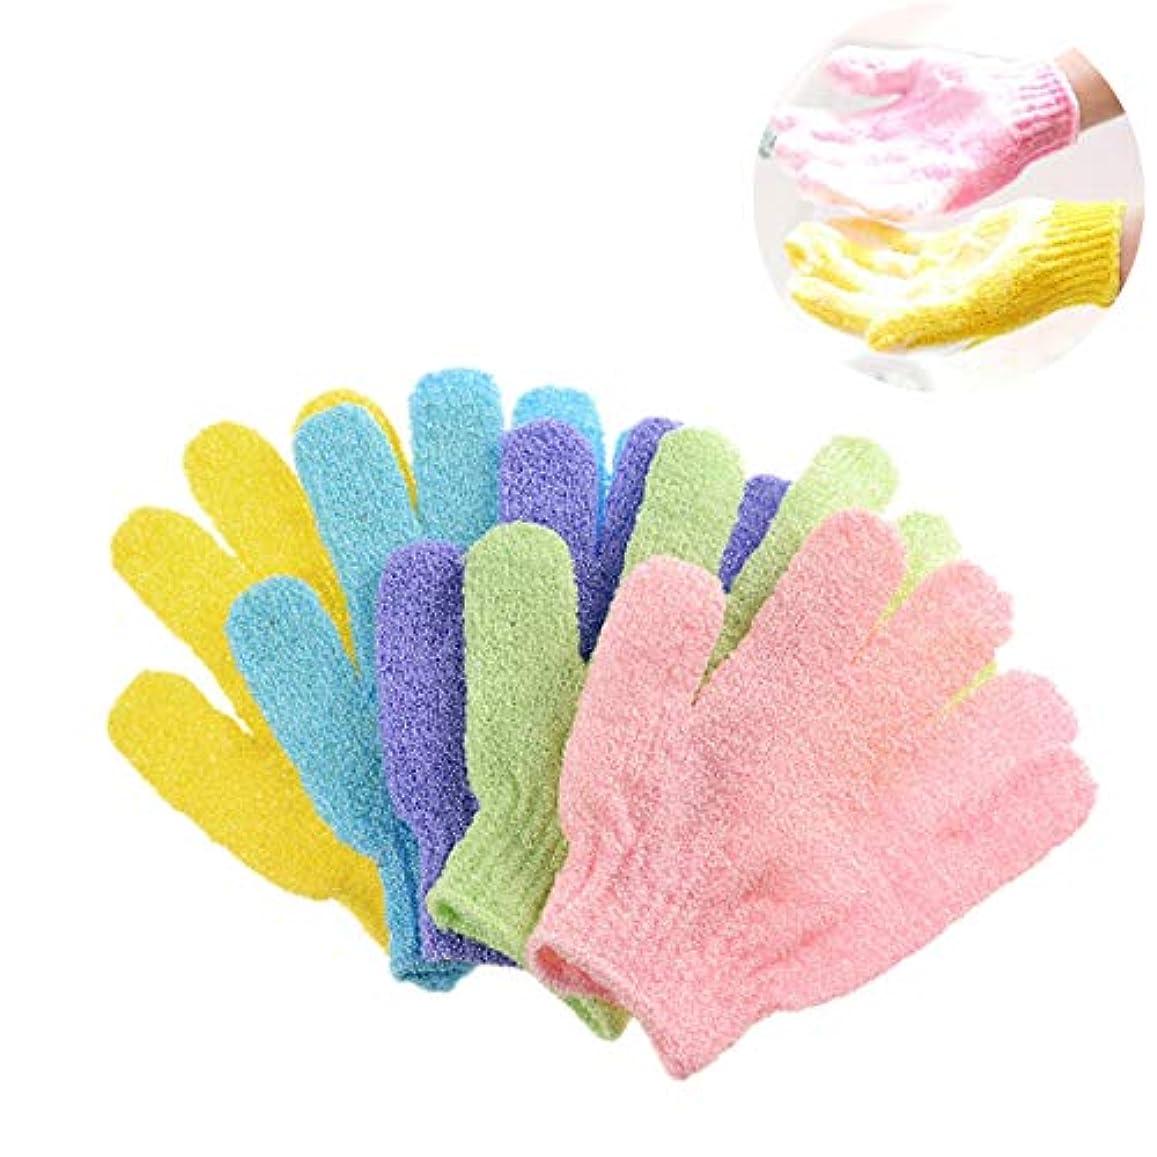 苦歯科医着陸Kingsie 浴用手袋 10枚セット(5ペア) ボディウォッシュ手袋 お風呂手袋 角質除去 角質取り 泡立ち 垢すり グローブ